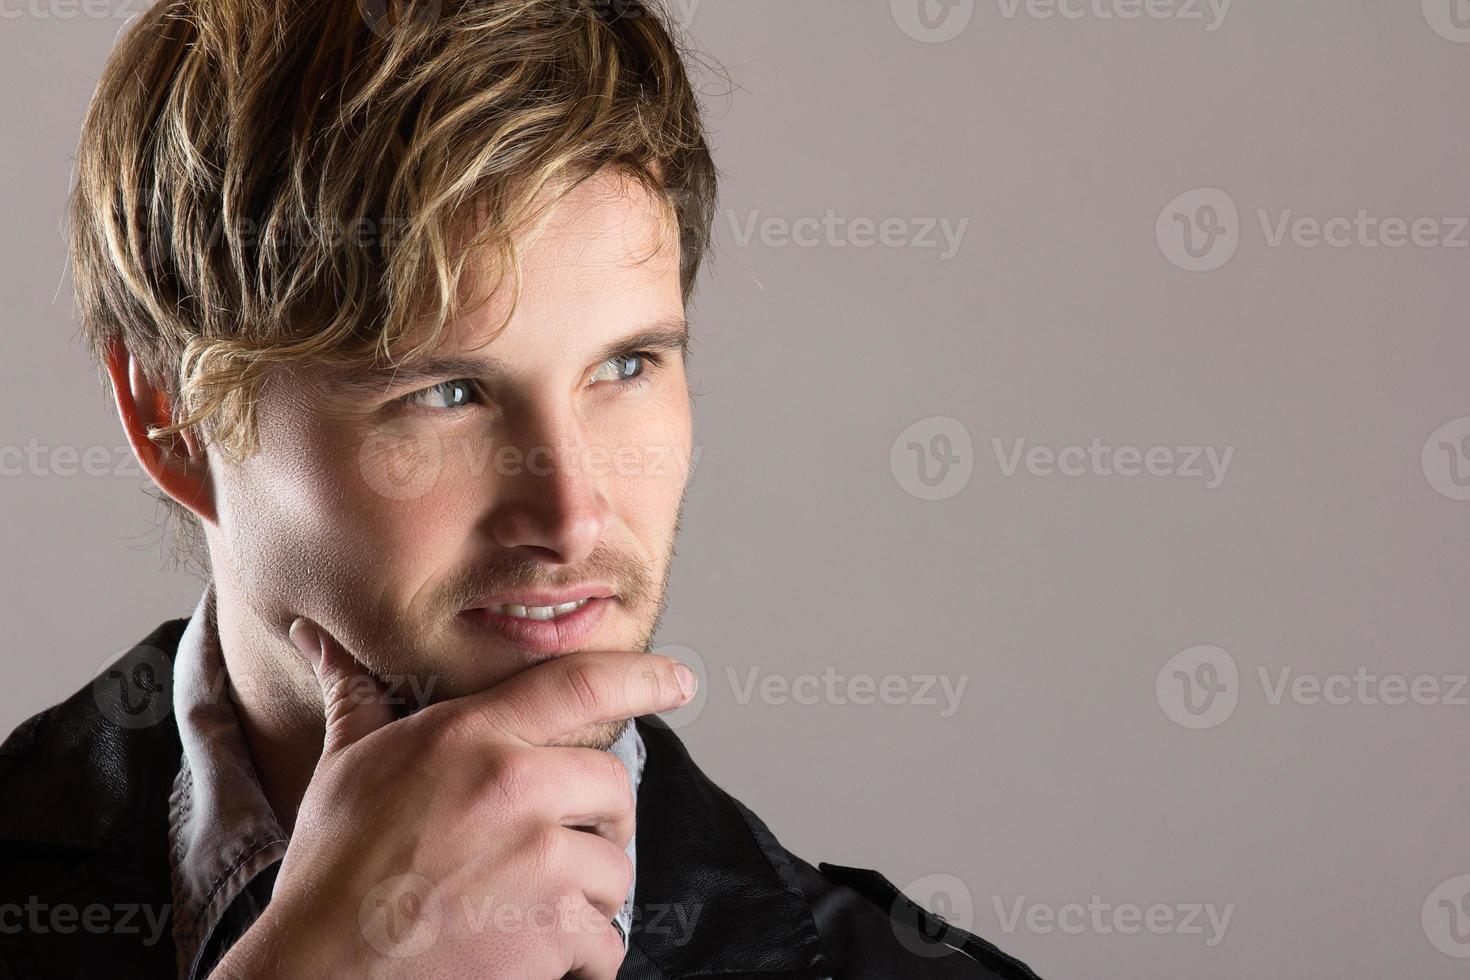 homem caucasiano bonito foto